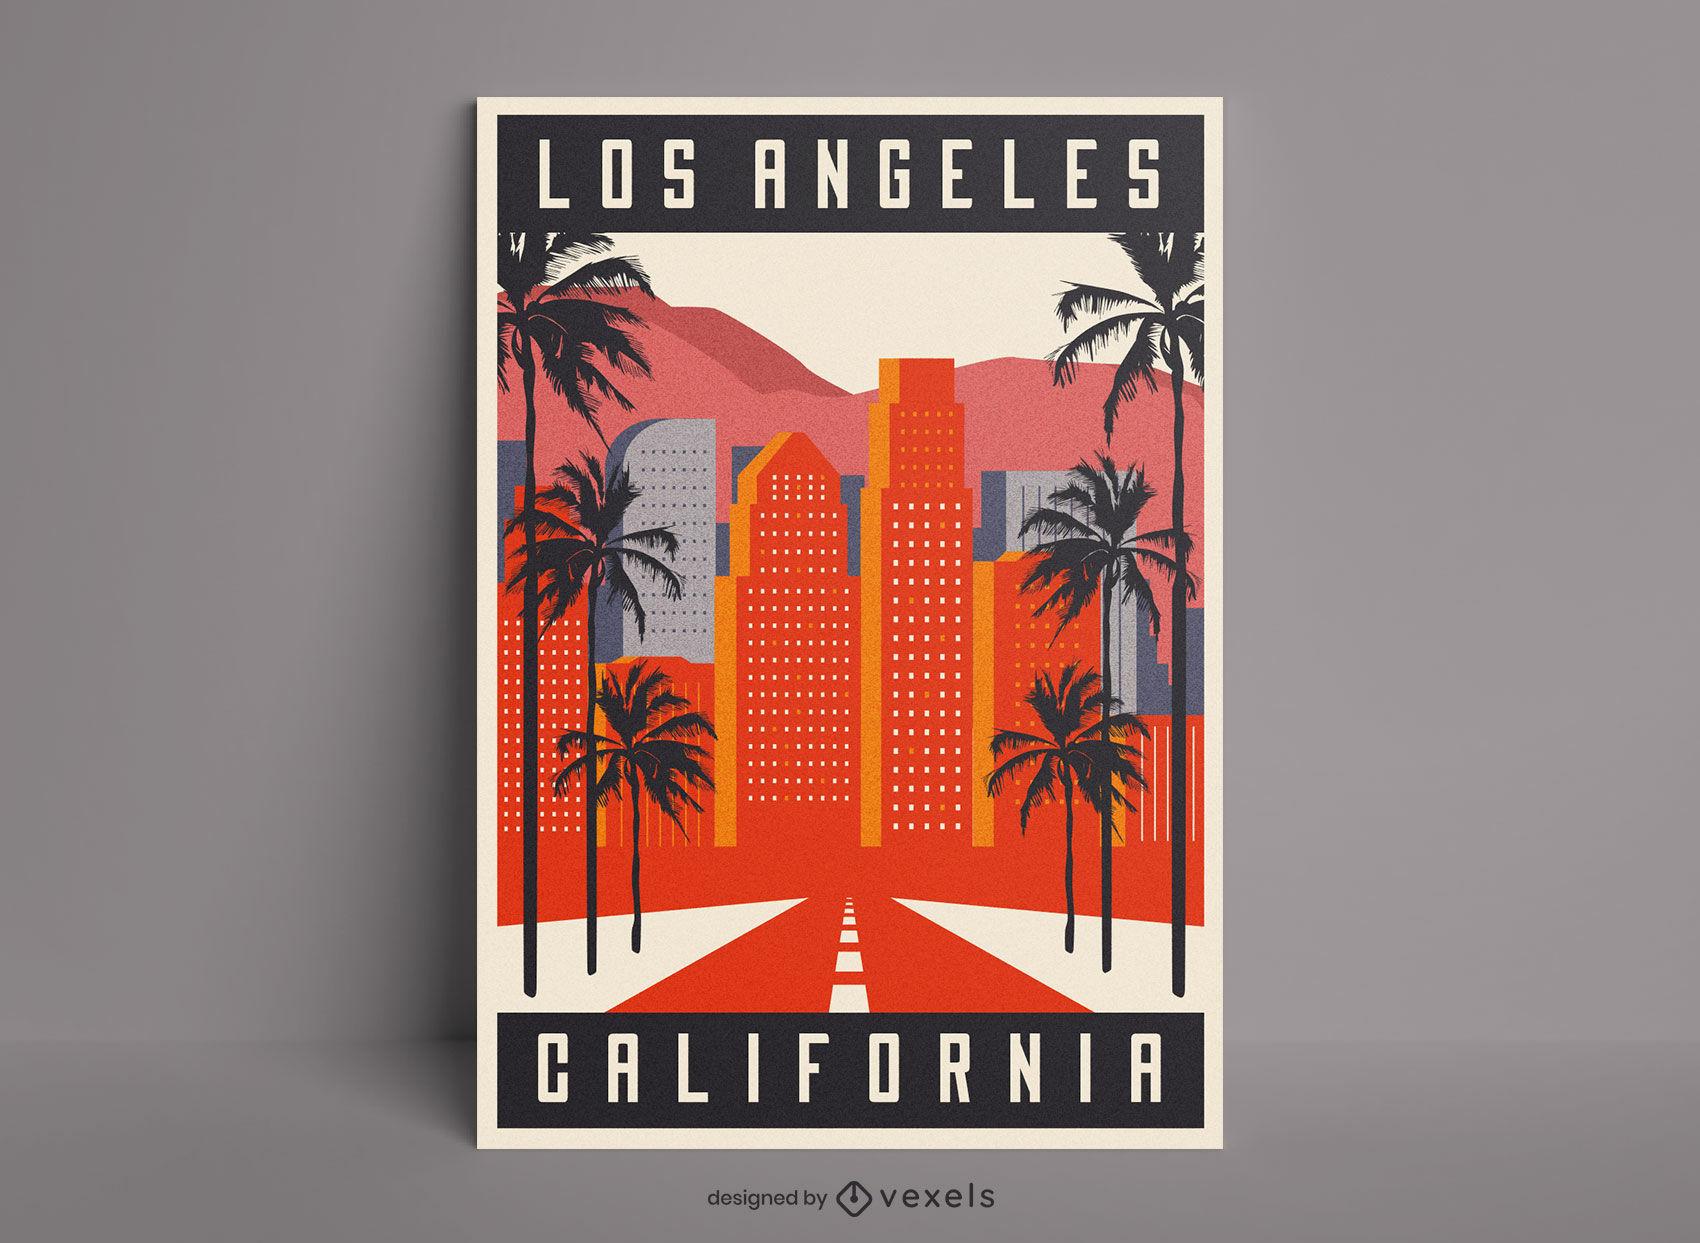 Plakat der Stadtgeb?ude in Los Angeles